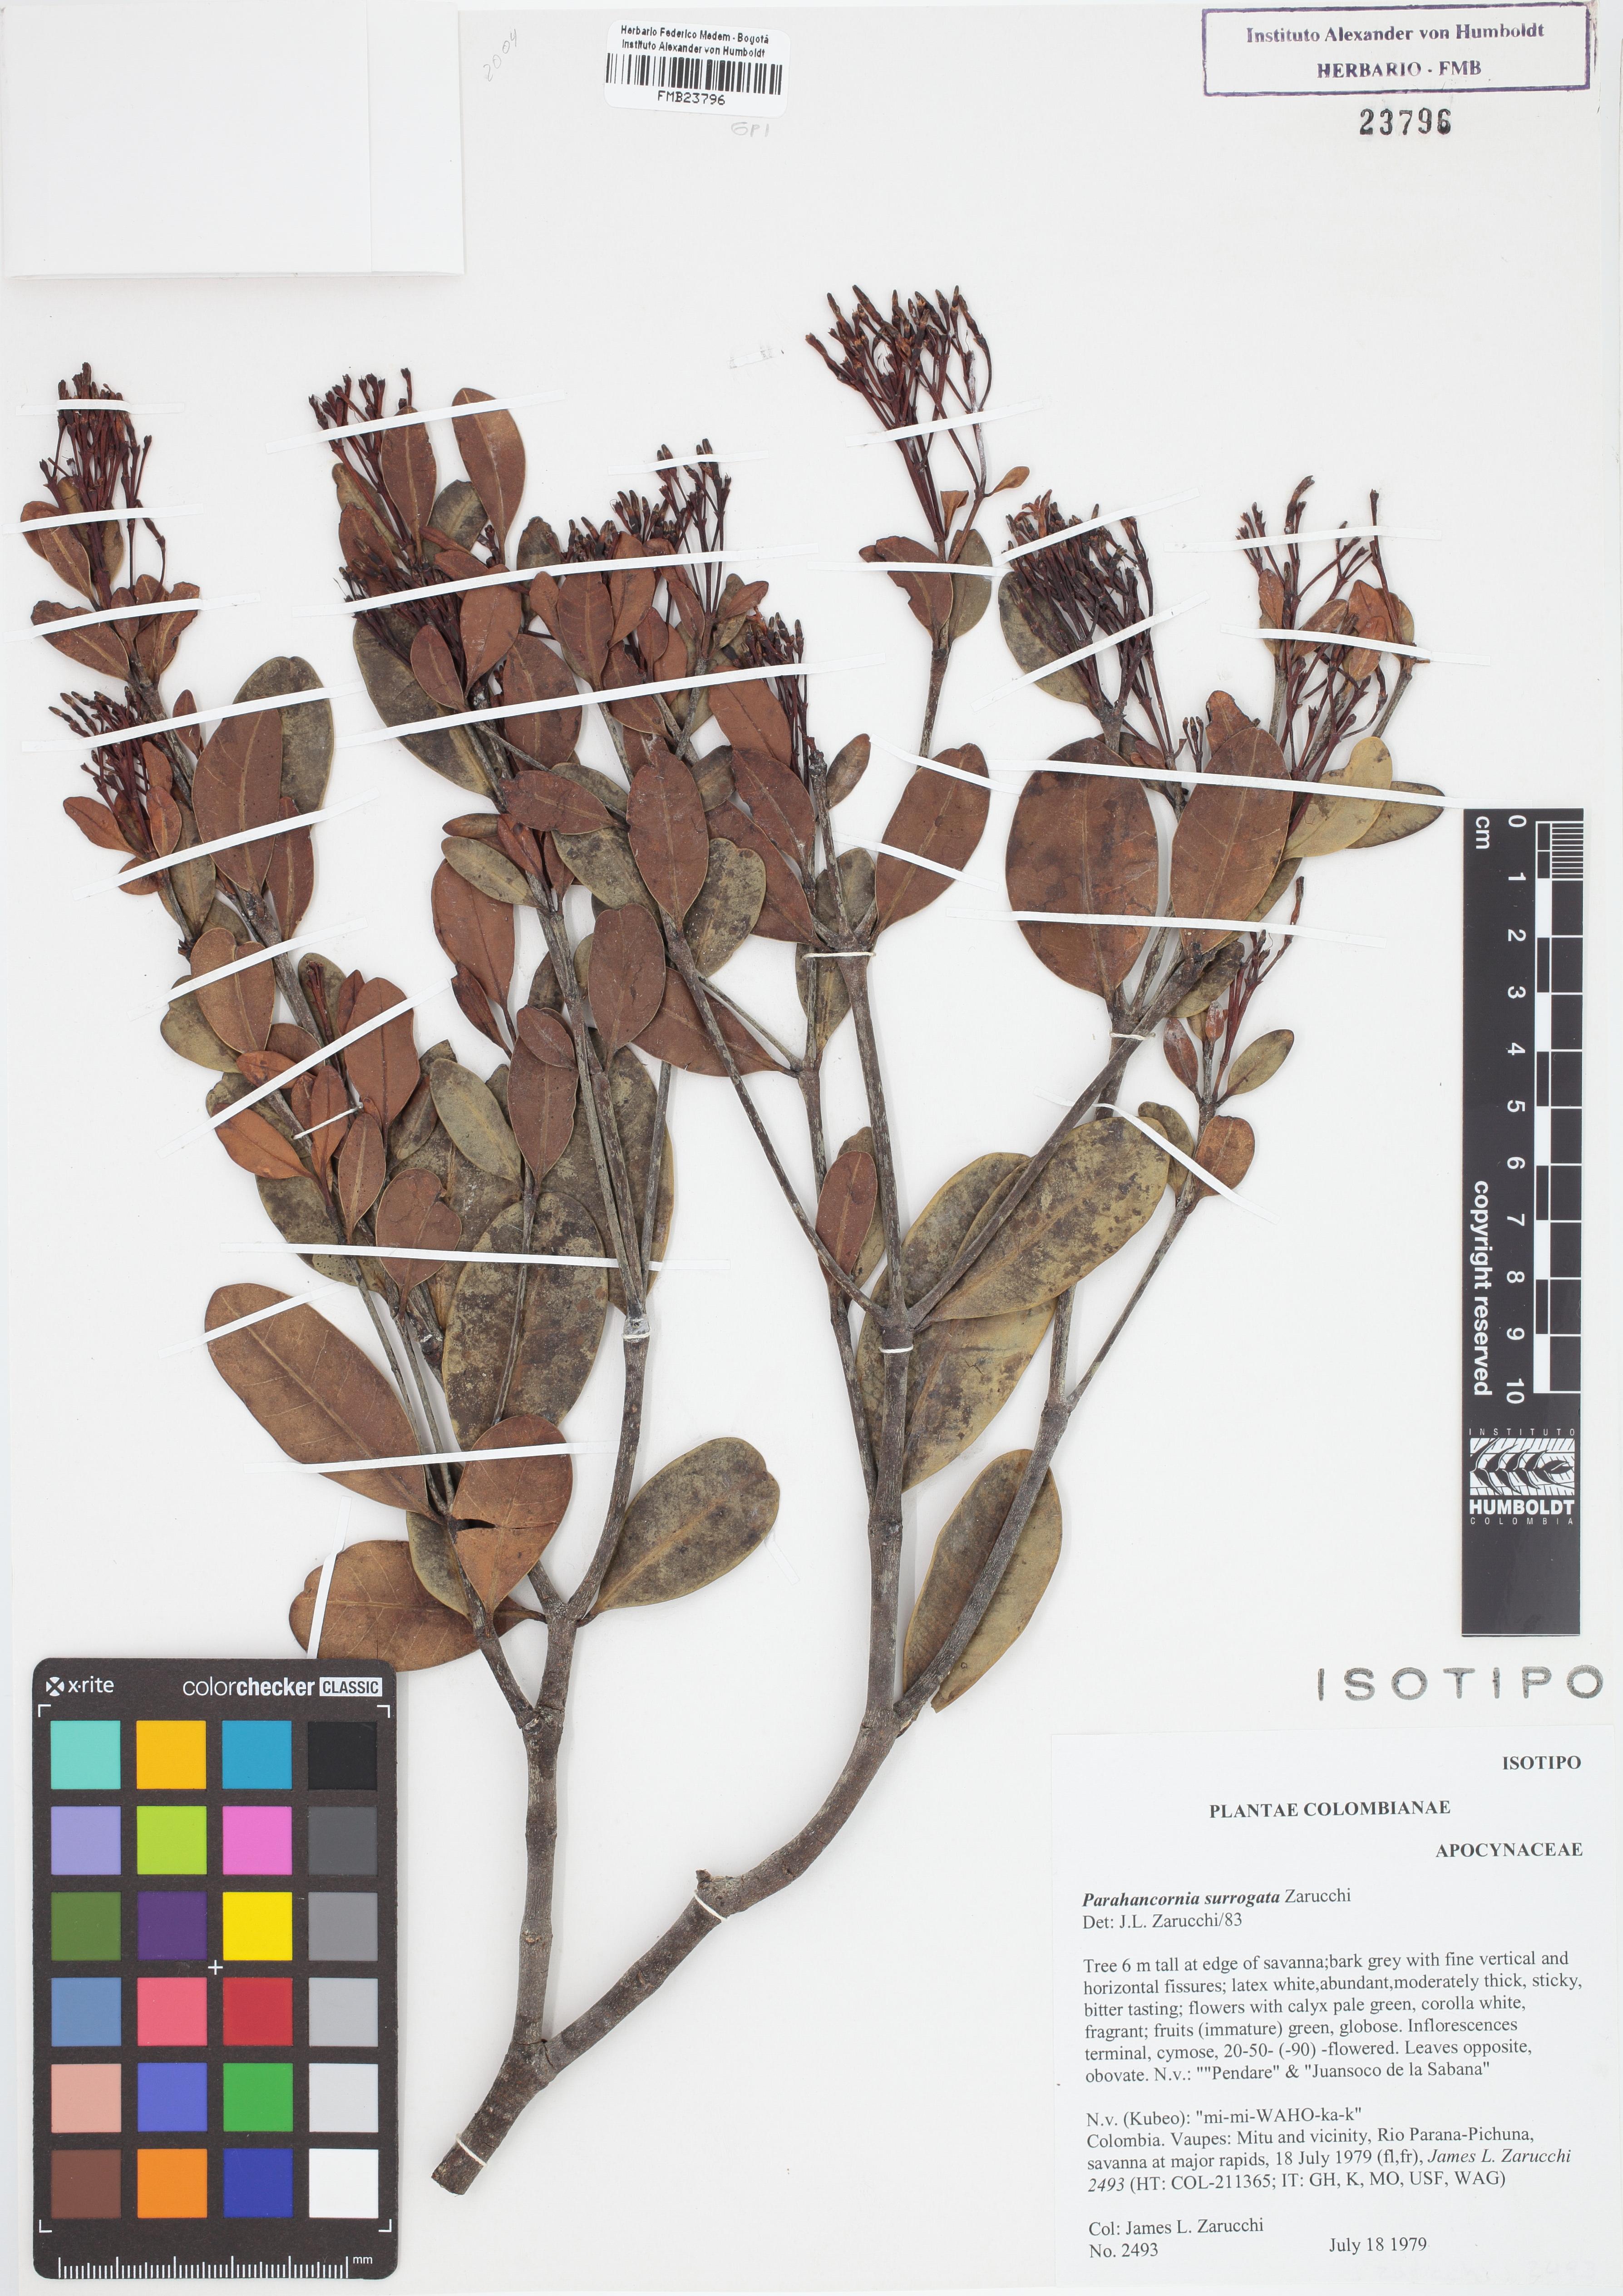 Isotipo de <em>Parahancornia surrogata</em>, FMB-23796, Fotografía por Robles A.